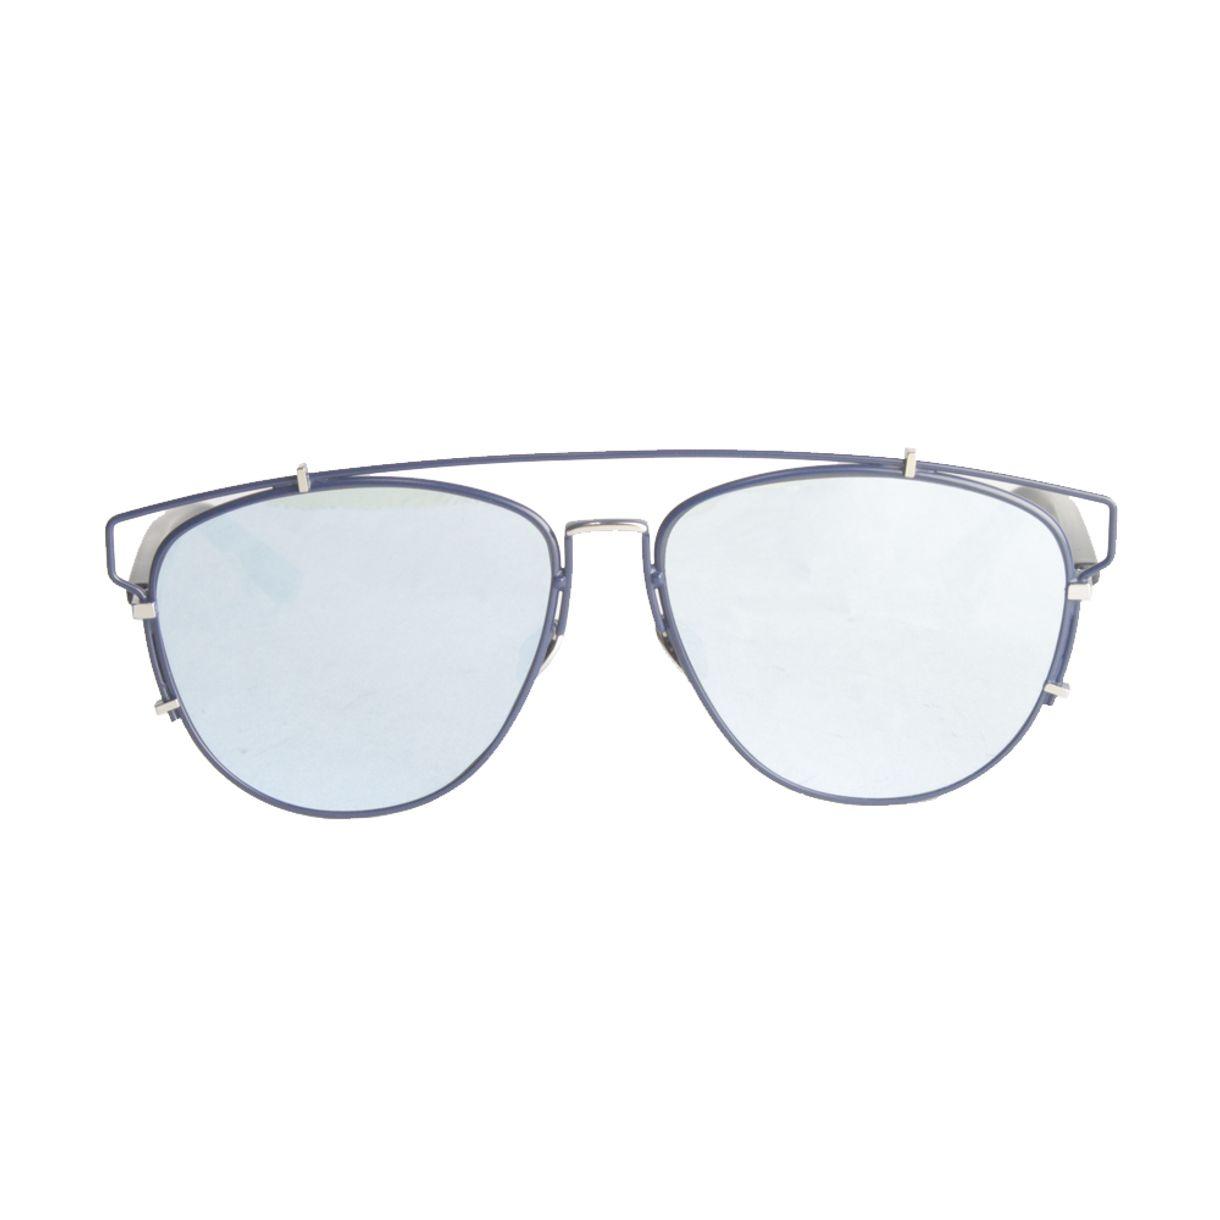 Oculos-Christian-Dior-Technology-Solar-Azul